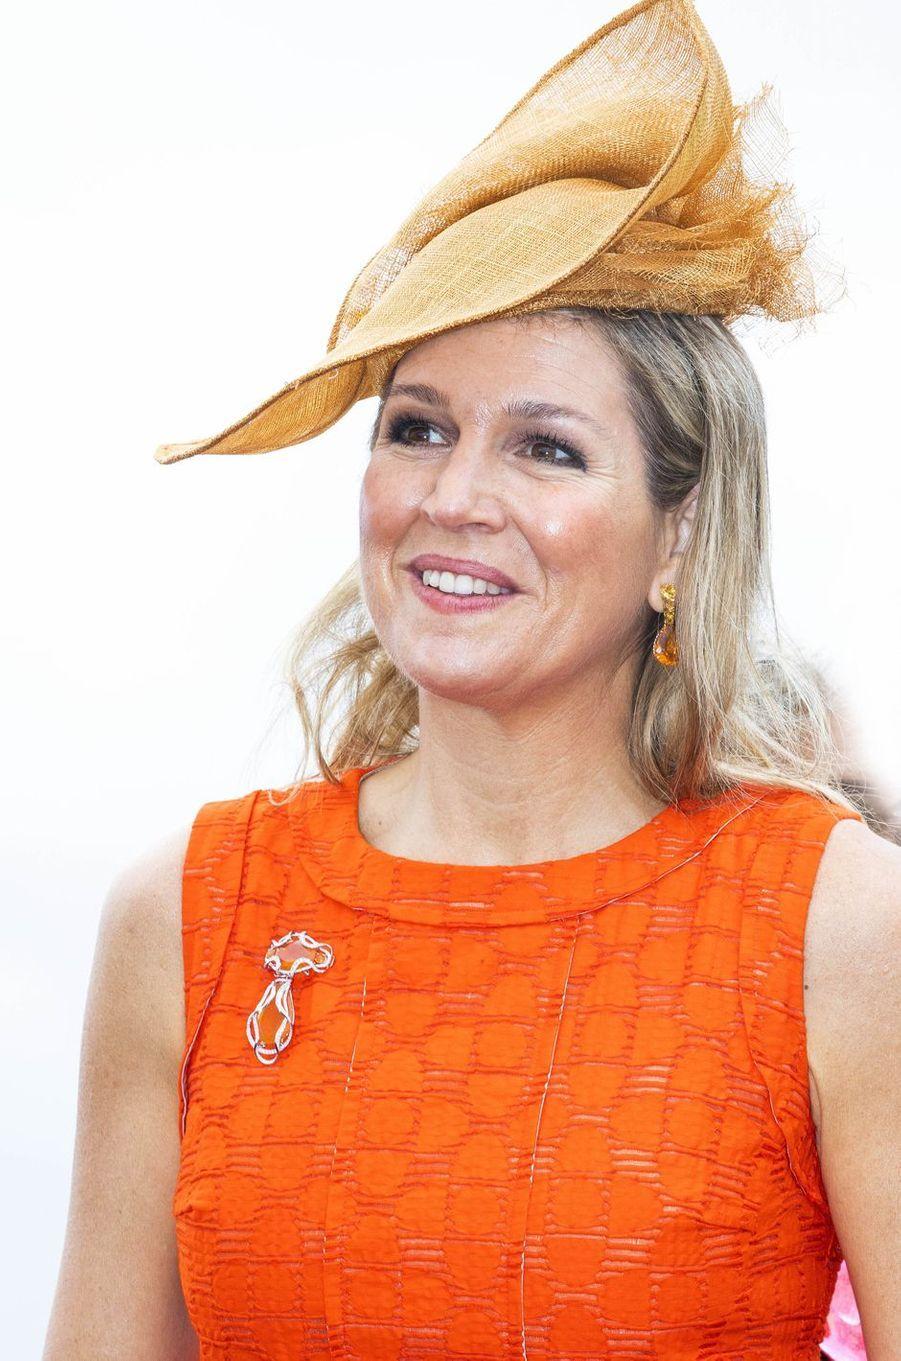 Le chapeau de la reine Maxima des Pays-Bas à Willemstad sur l'île de Curaçao, le 1er juillet 2018